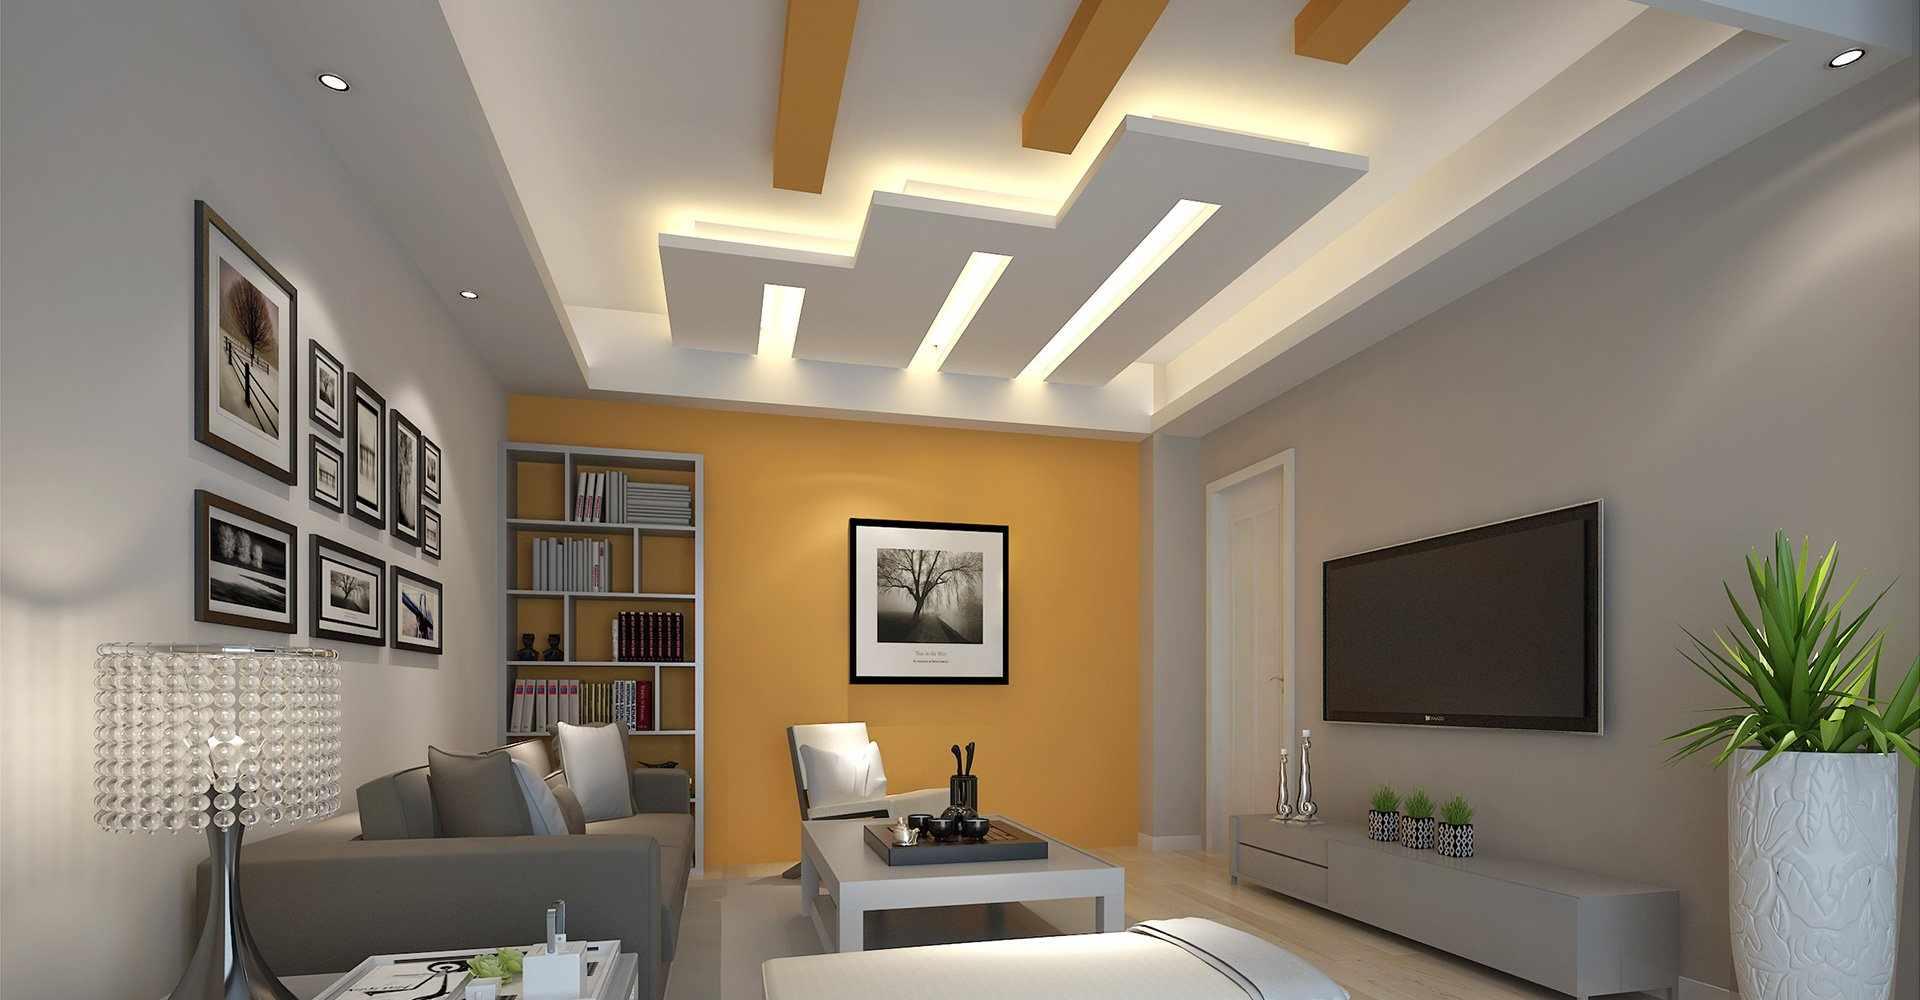 Геометрические фигуры в дизайне потолка с подсветкой